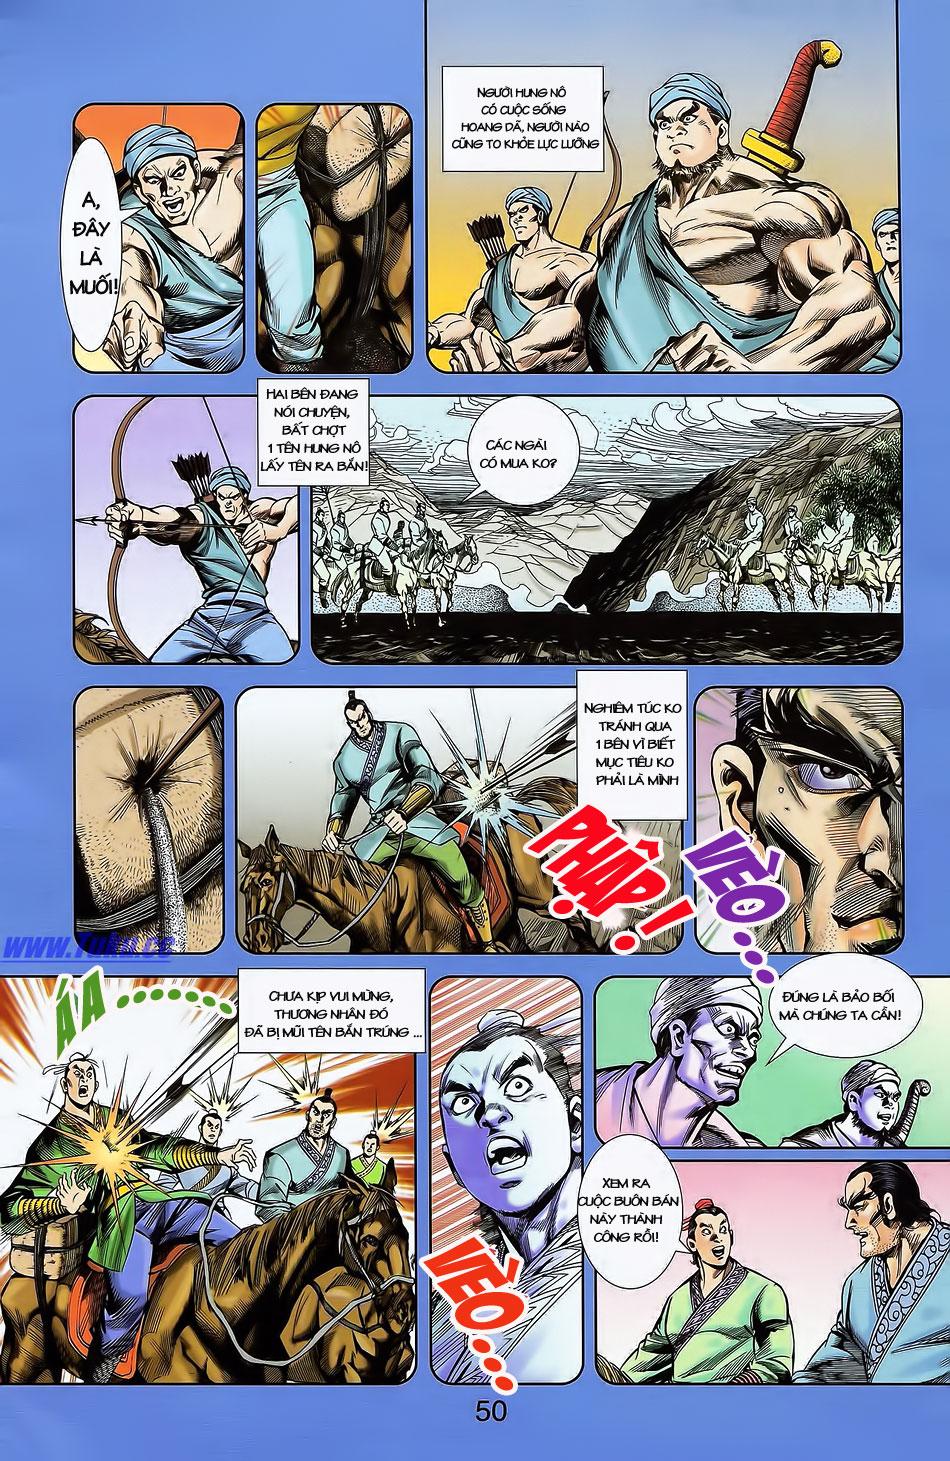 Tần Vương Doanh Chính chapter 4 trang 21